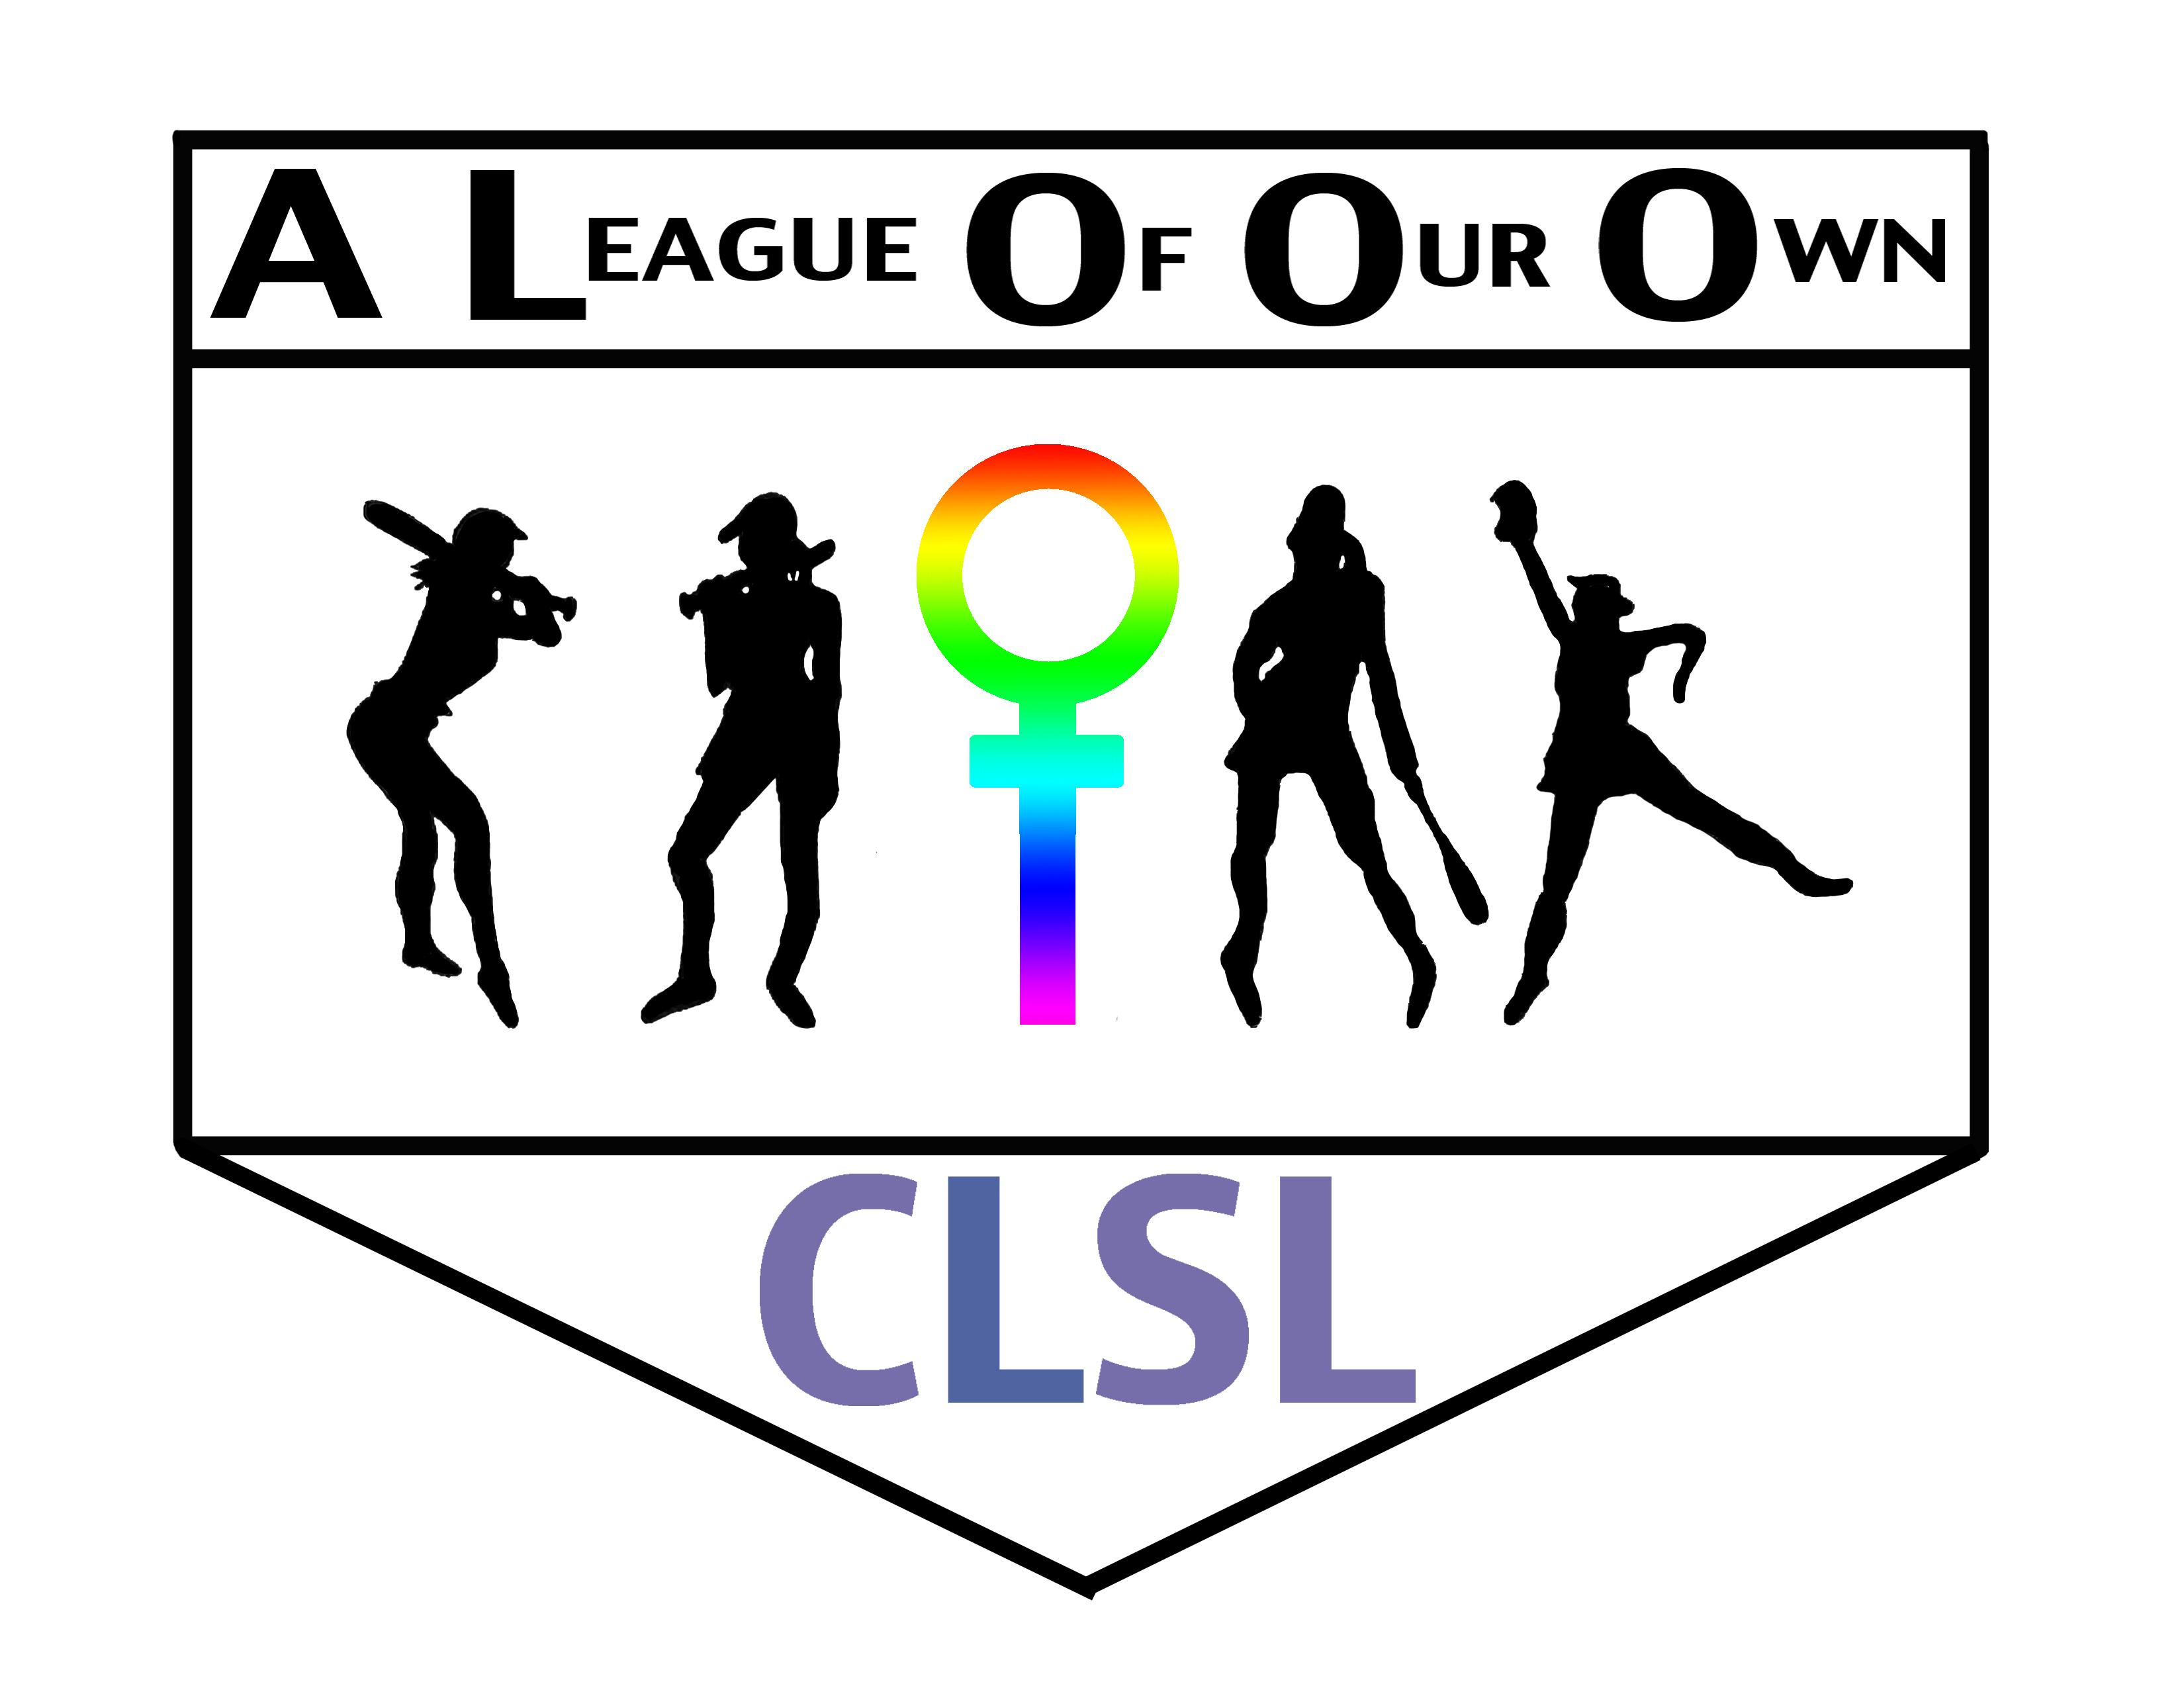 Lesbian Softball Team 74